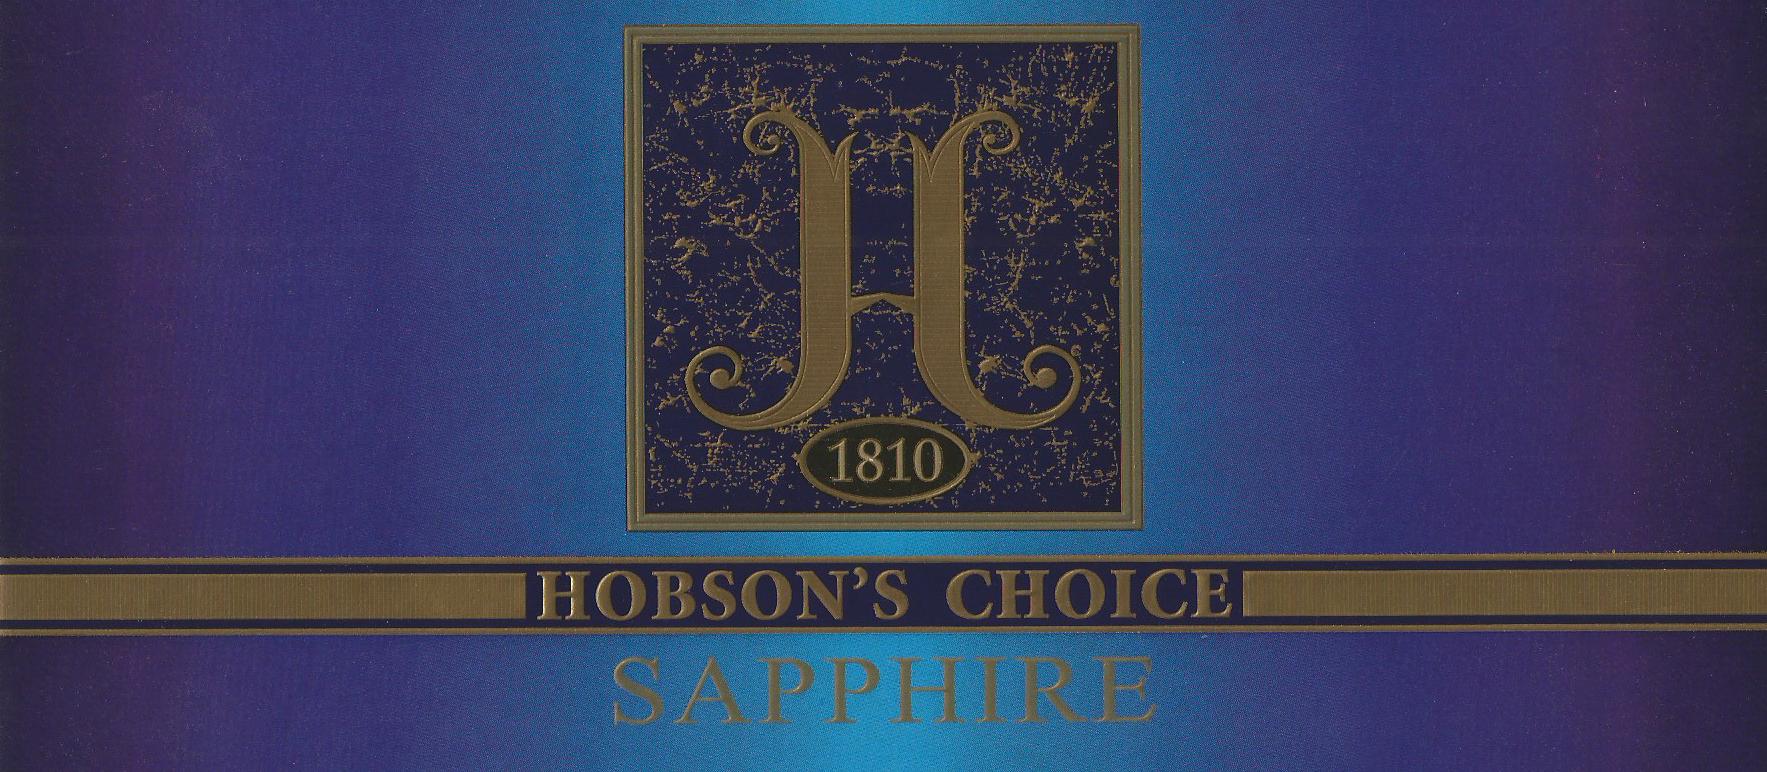 Hobson's Choice Sapphire